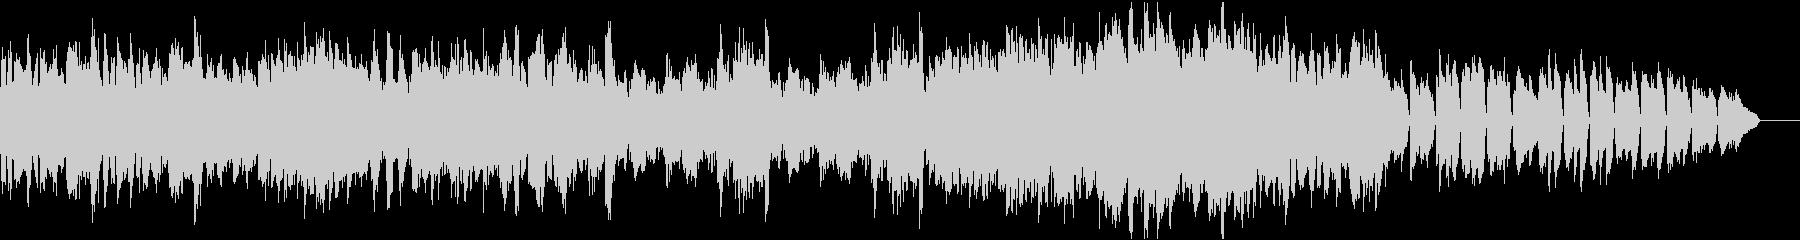 クライスレリアーナ第7曲の未再生の波形